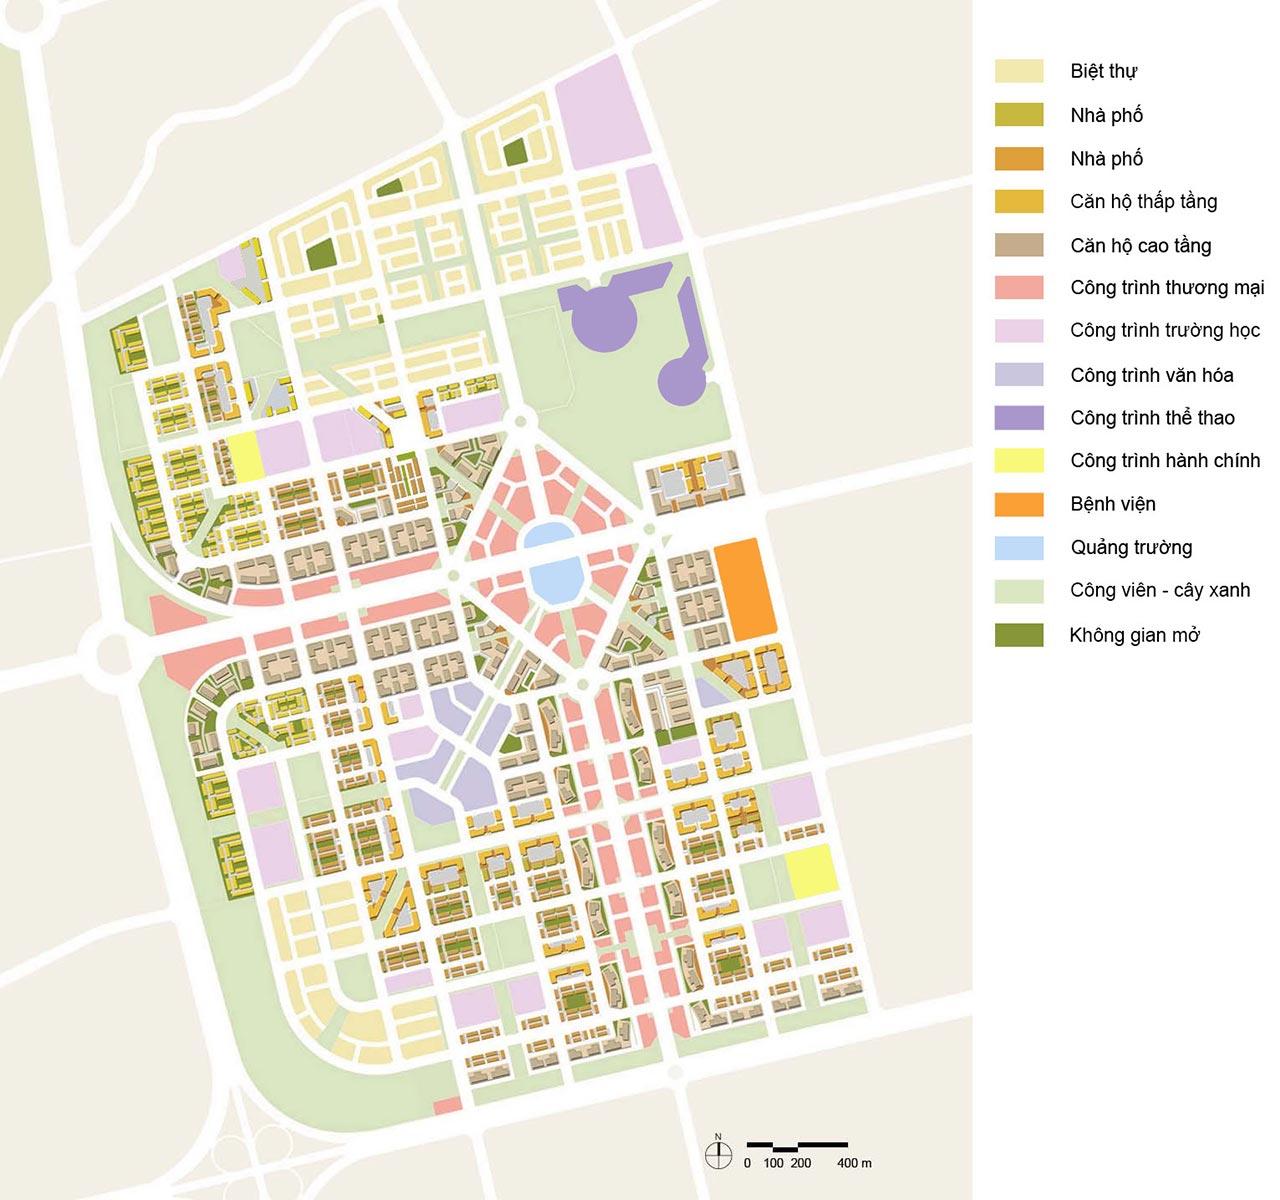 Phân khu chức năng của dự án Đông Saigon New City